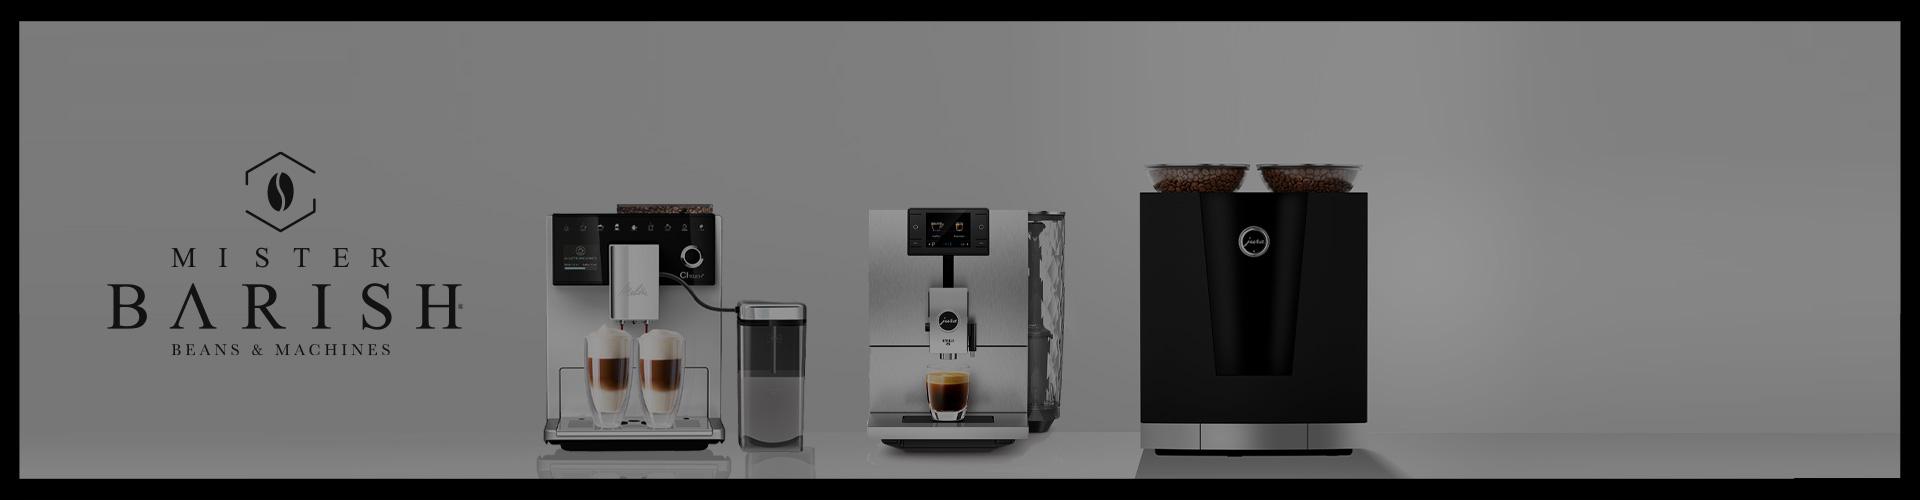 Beste koffiemachines banner